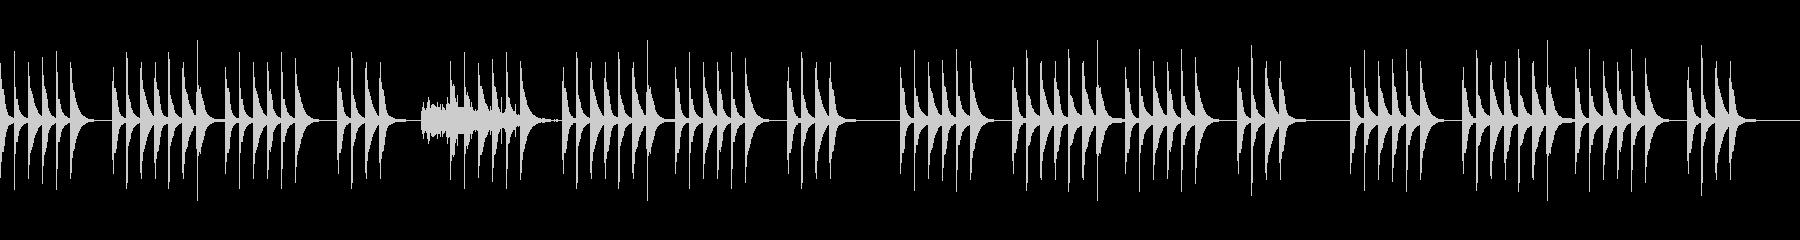 コミカルな雰囲気の劇伴BGMの未再生の波形